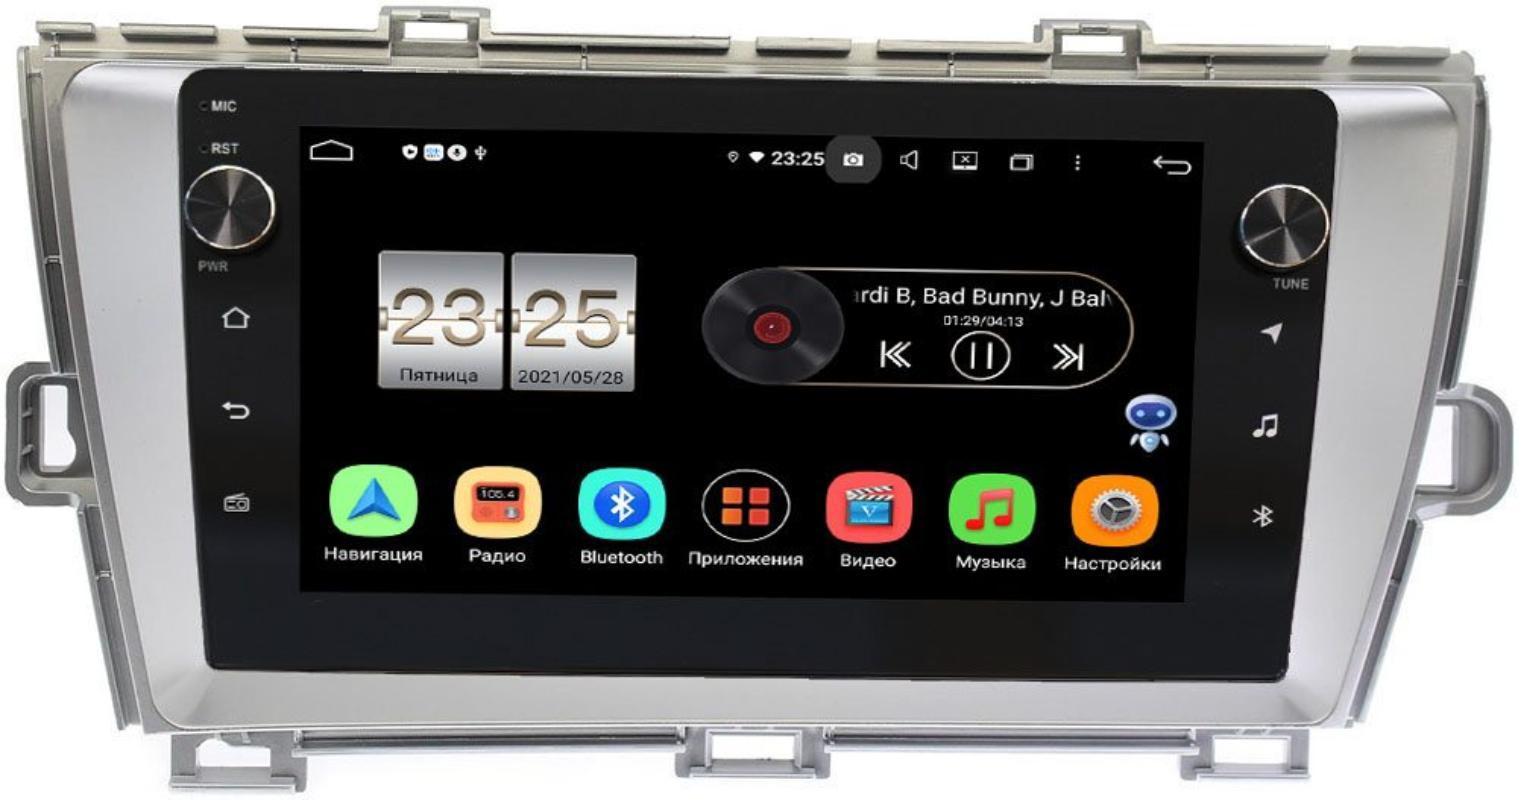 Штатная магнитола LeTrun BPX409-9092 для Toyota Prius III (XW30) 2009-2015 (правый руль) серебро на Android 10 (4/32, DSP, IPS, с голосовым ассистентом, с крутилками) (+ Камера заднего вида в подарок!)